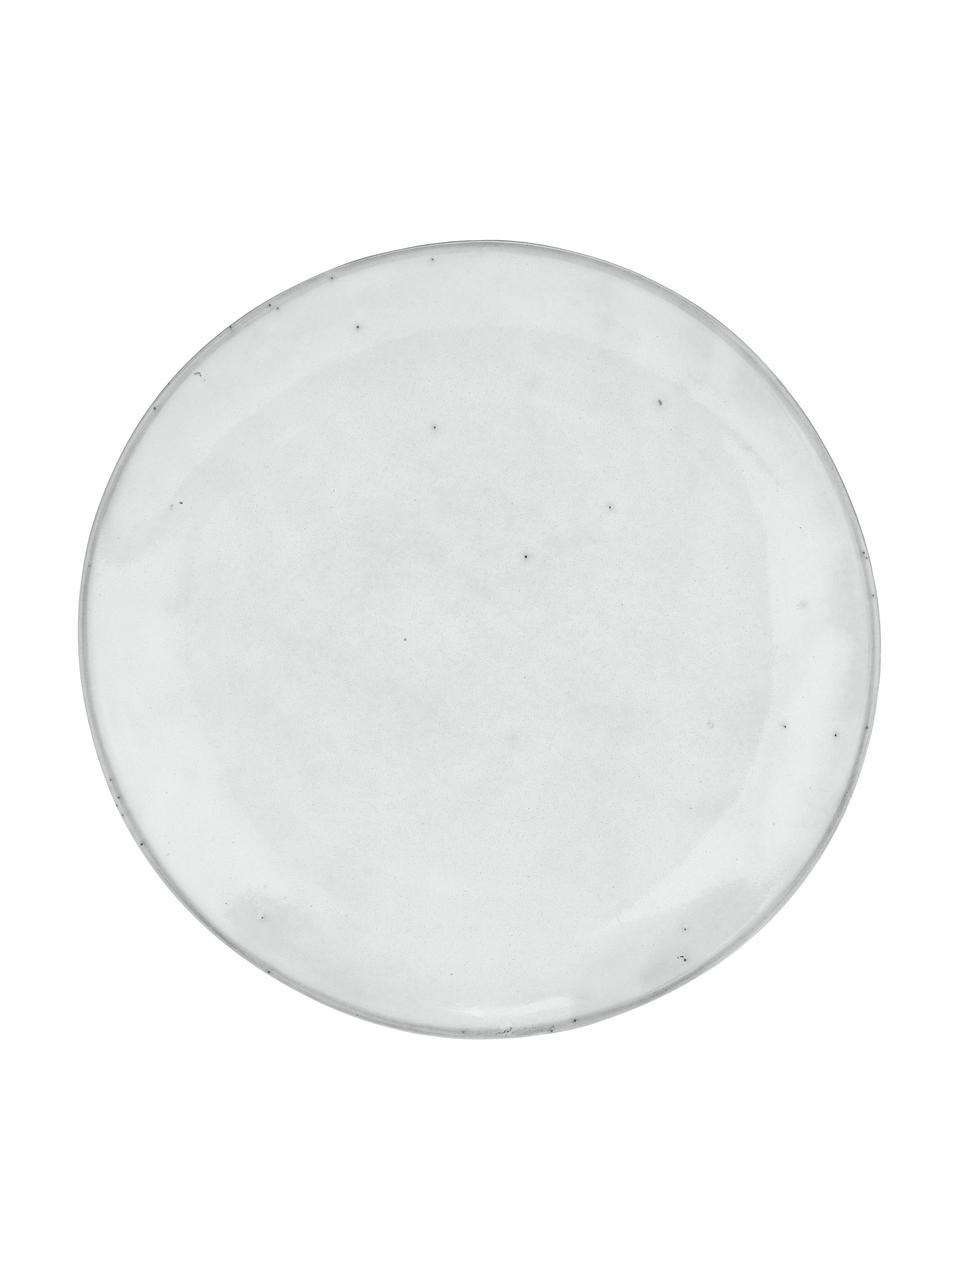 Piattino da dessert in gres fatto a mano Nordic Sand 4 pz, Gres, Sabbia, Ø 20 x Alt. 3 cm